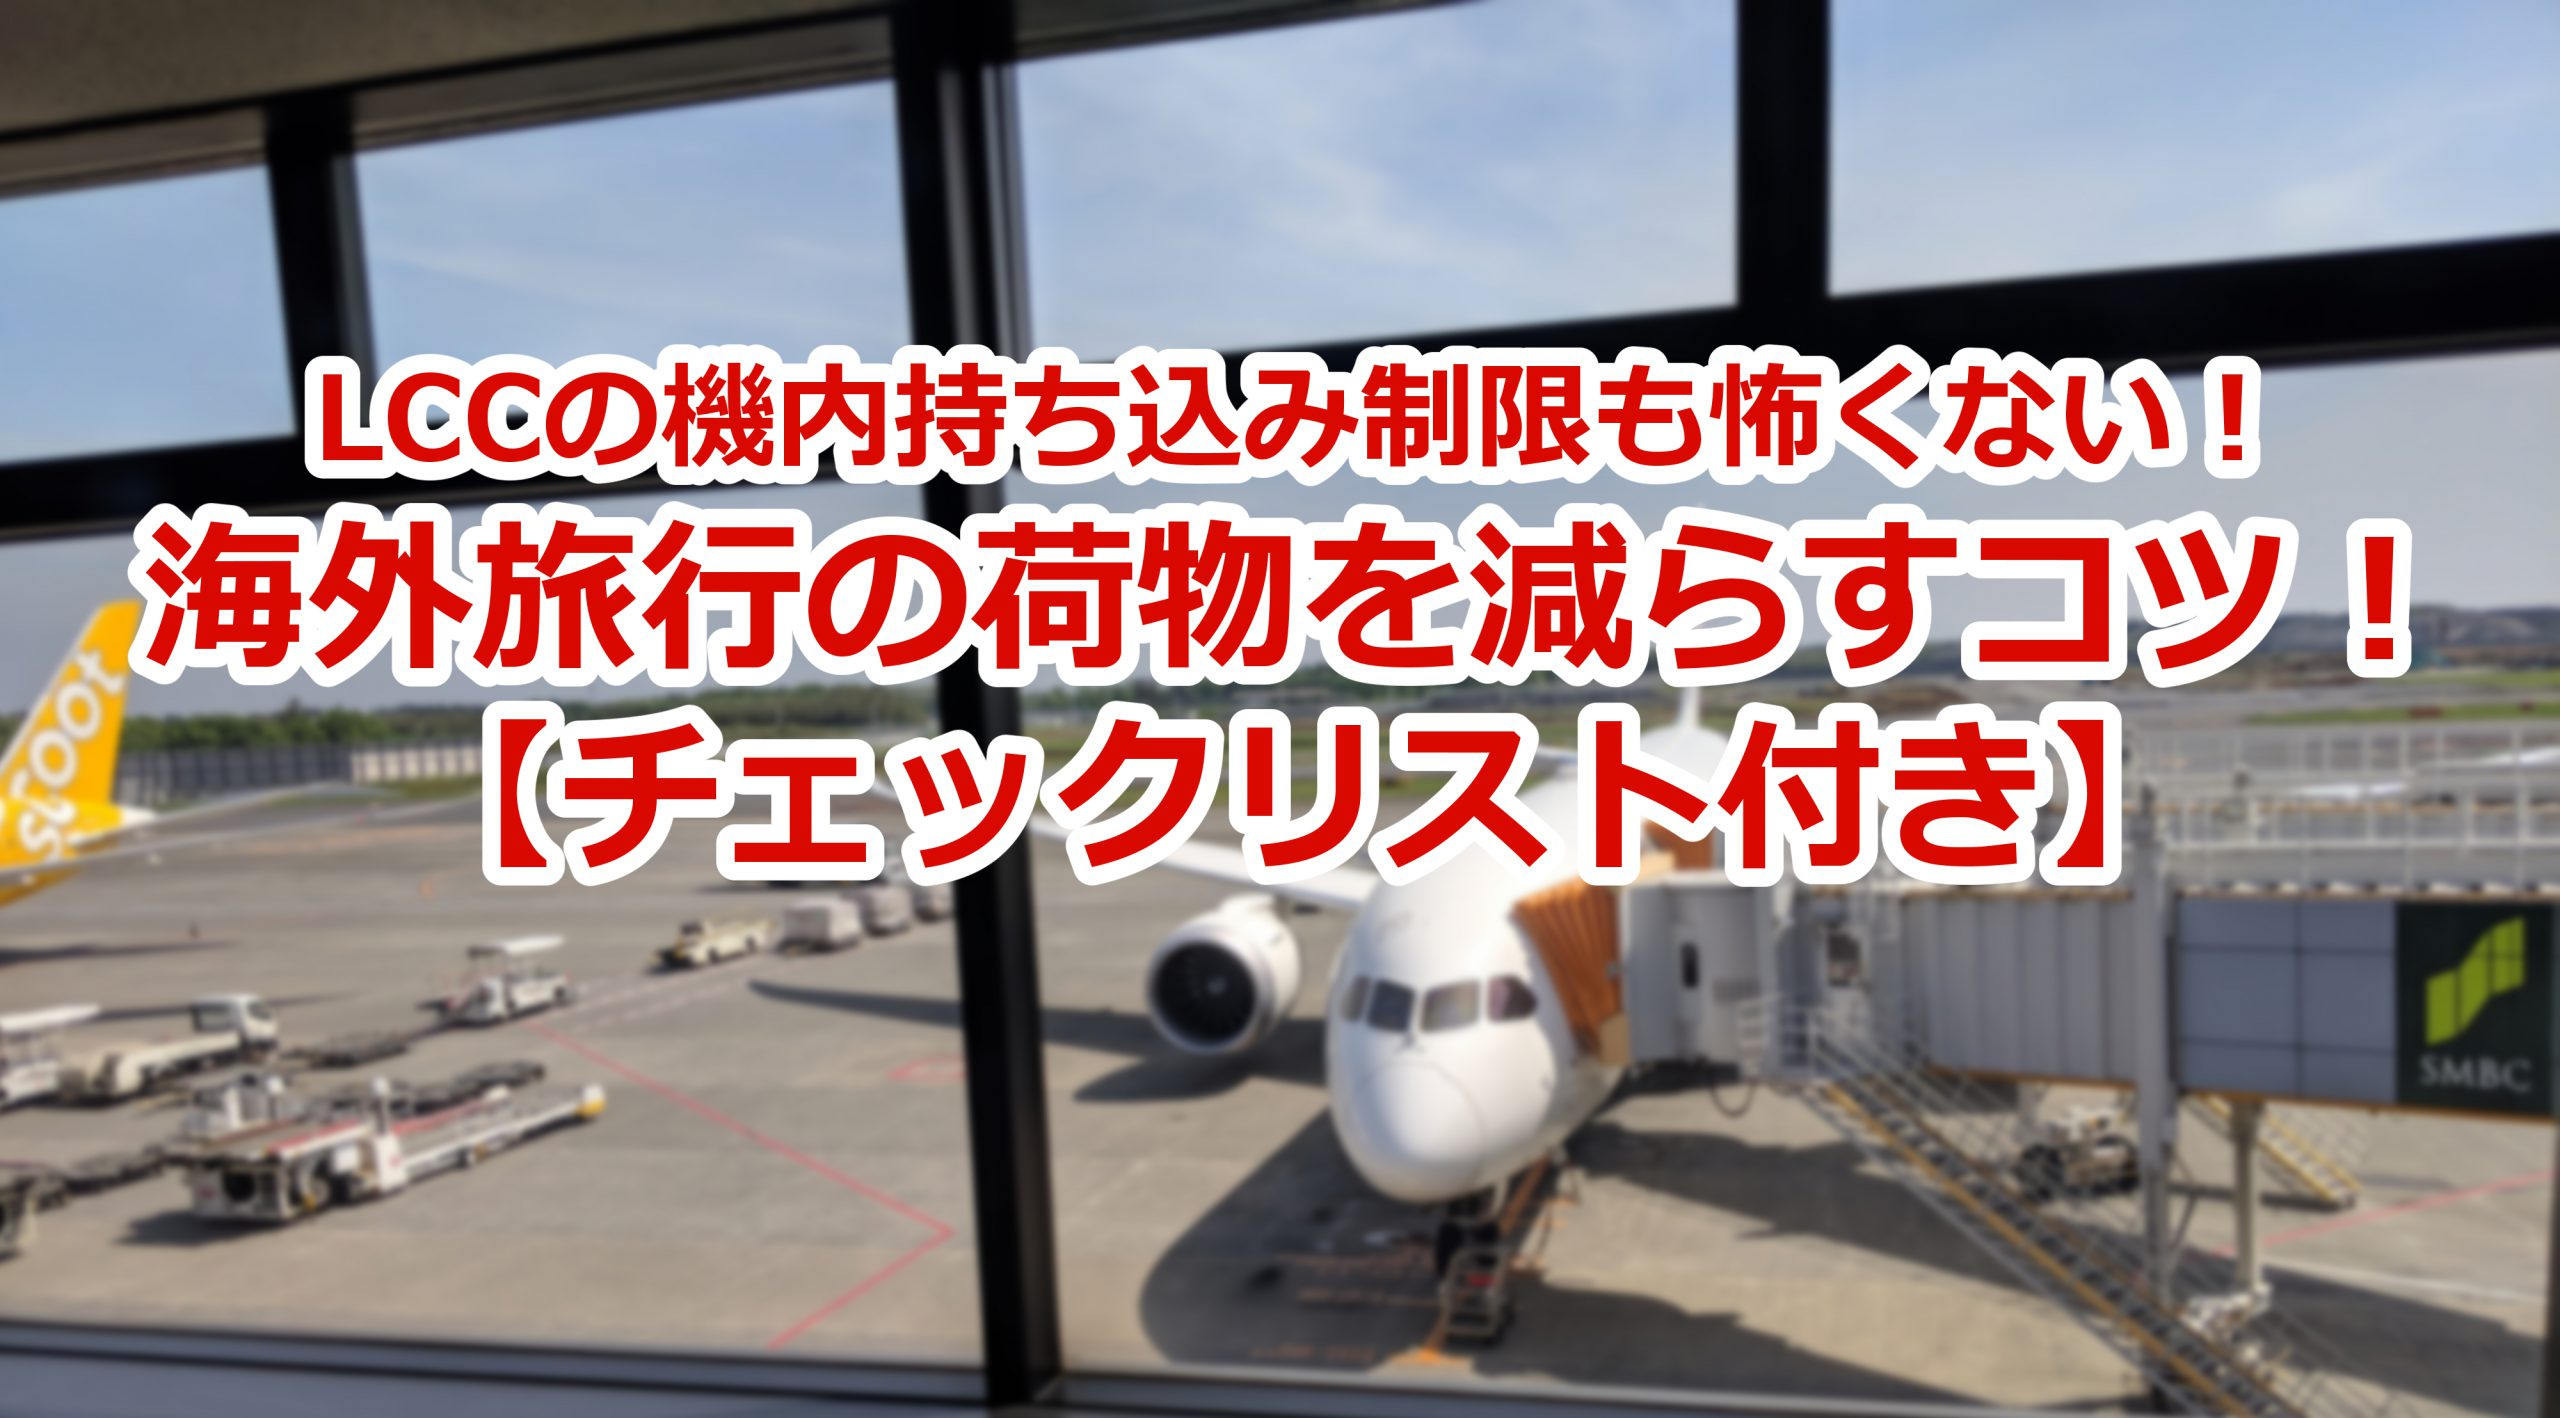 LCCの機内持ち込み制限も怖くない!海外旅行の荷物を減らすコツ!【チェックリスト付き】